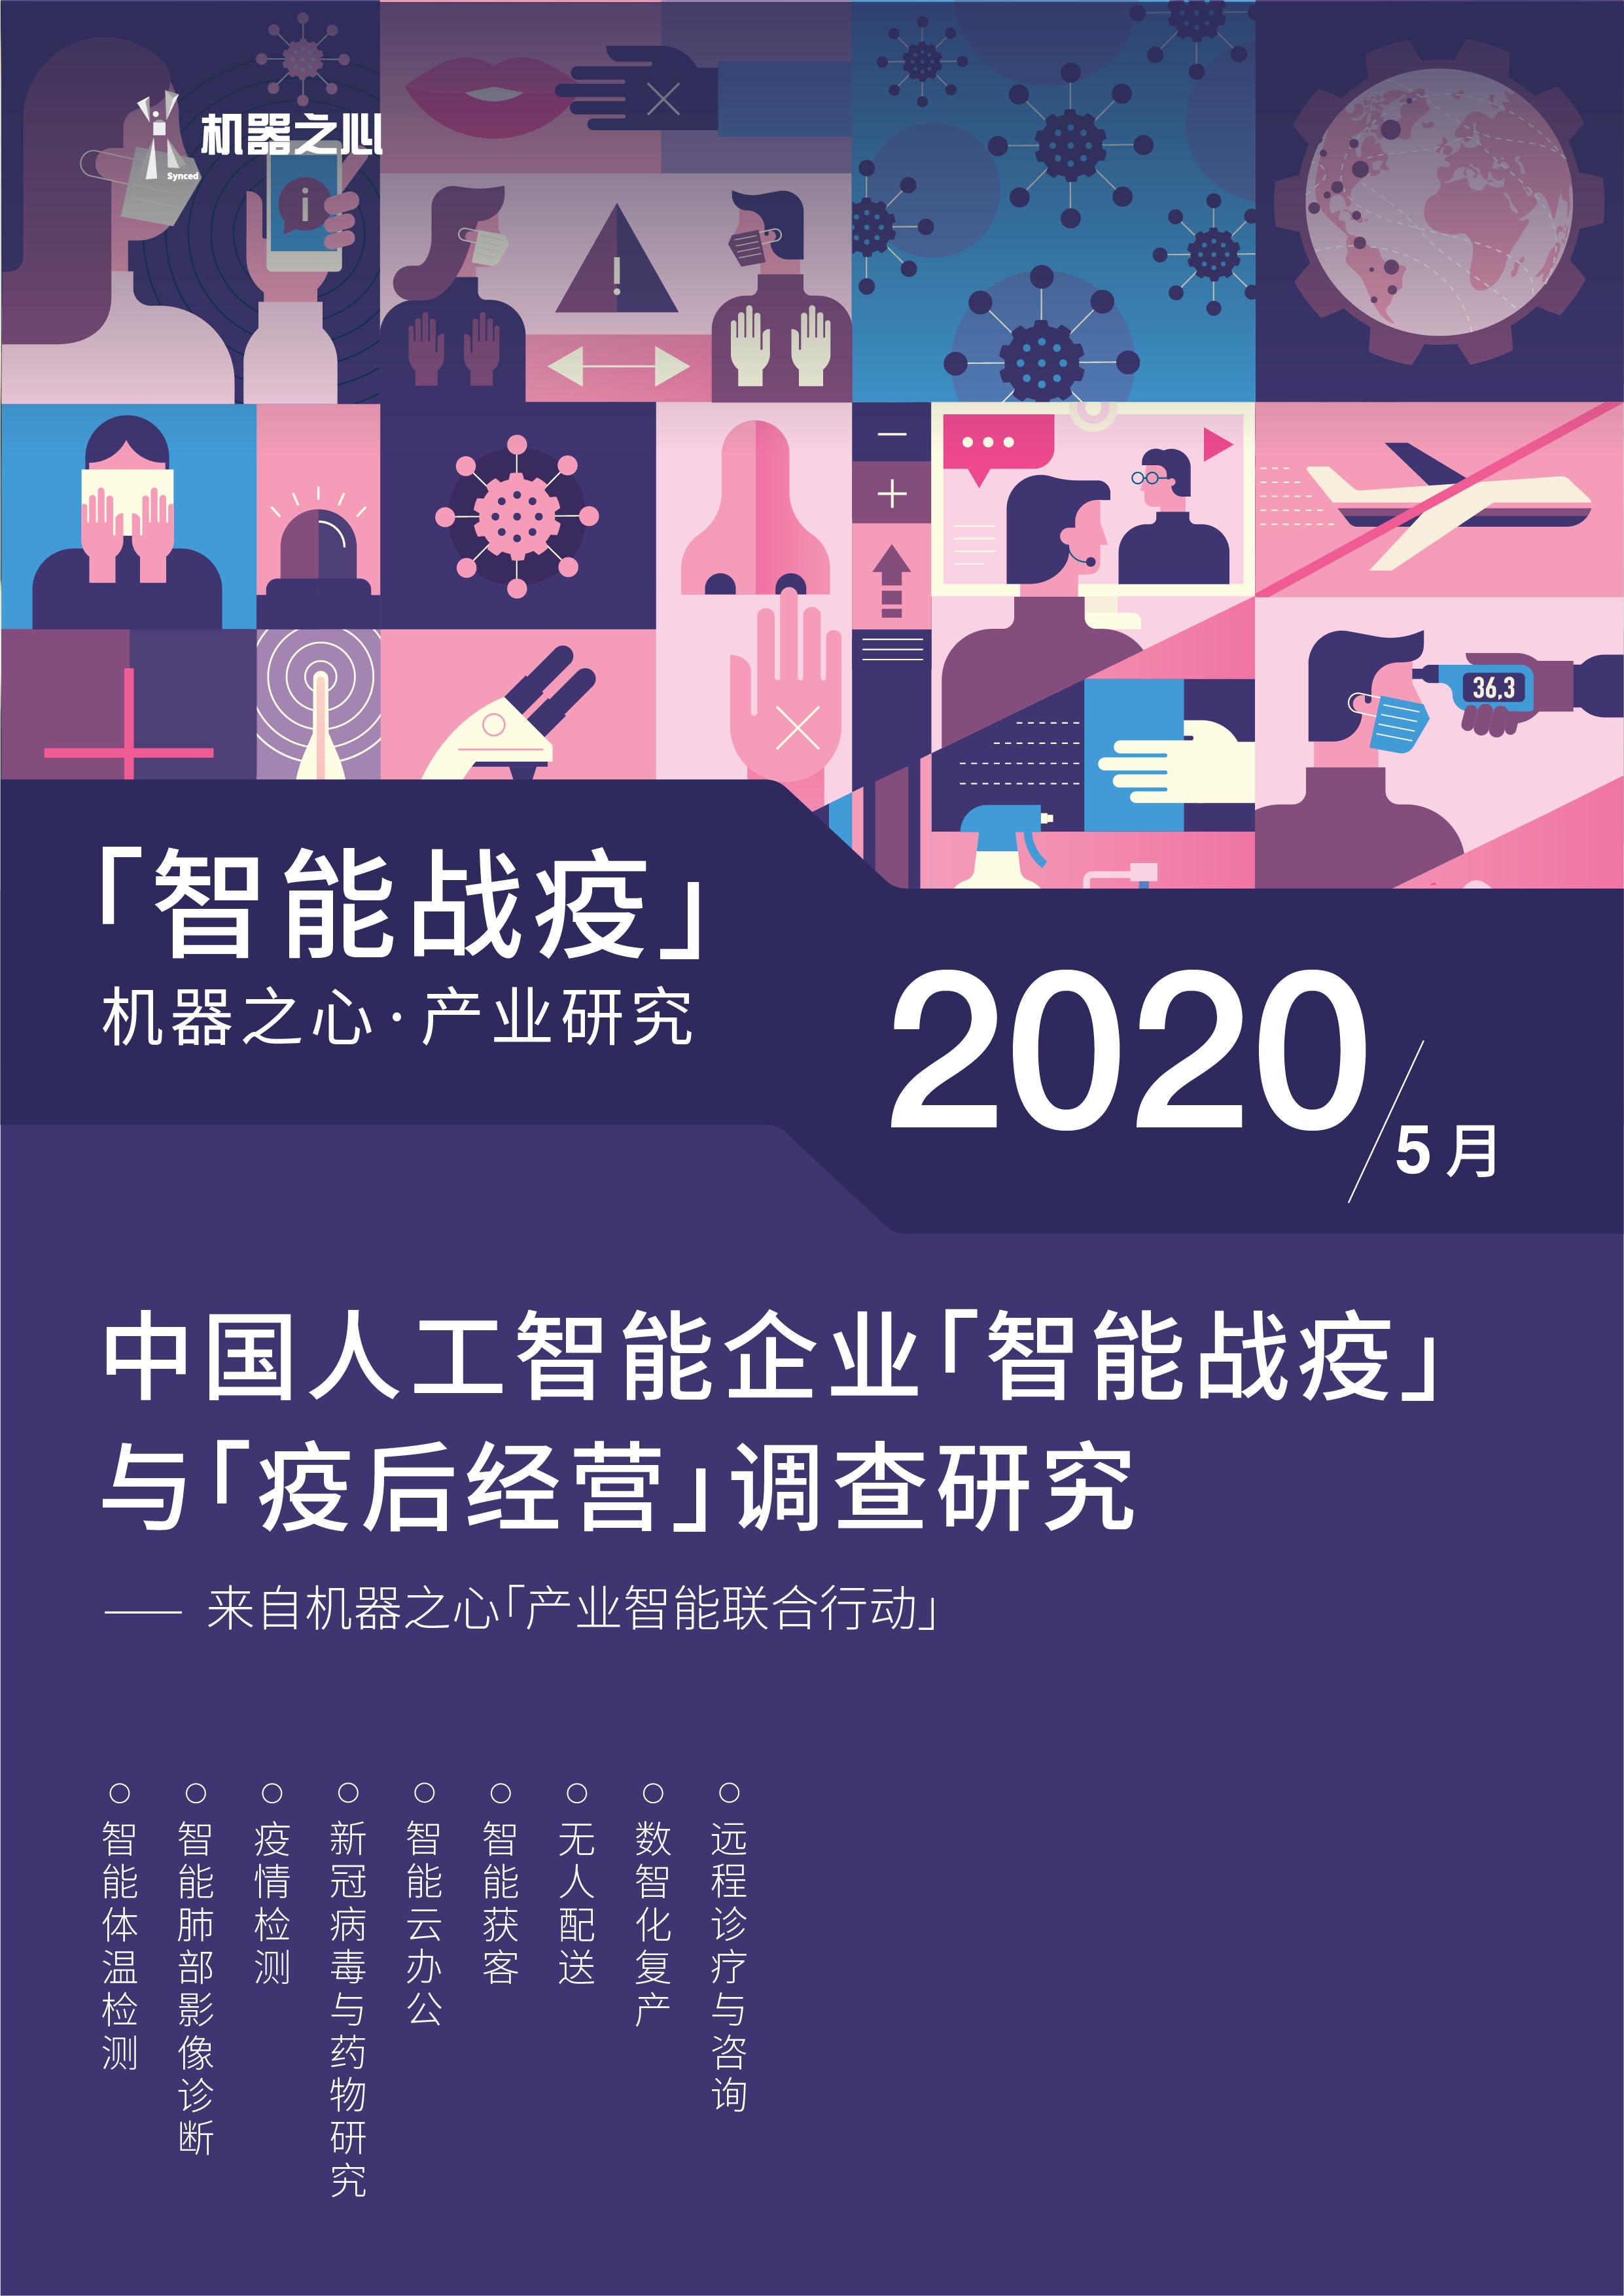 中国人工智能创企「智能战疫」与「疫后经营」调查研究